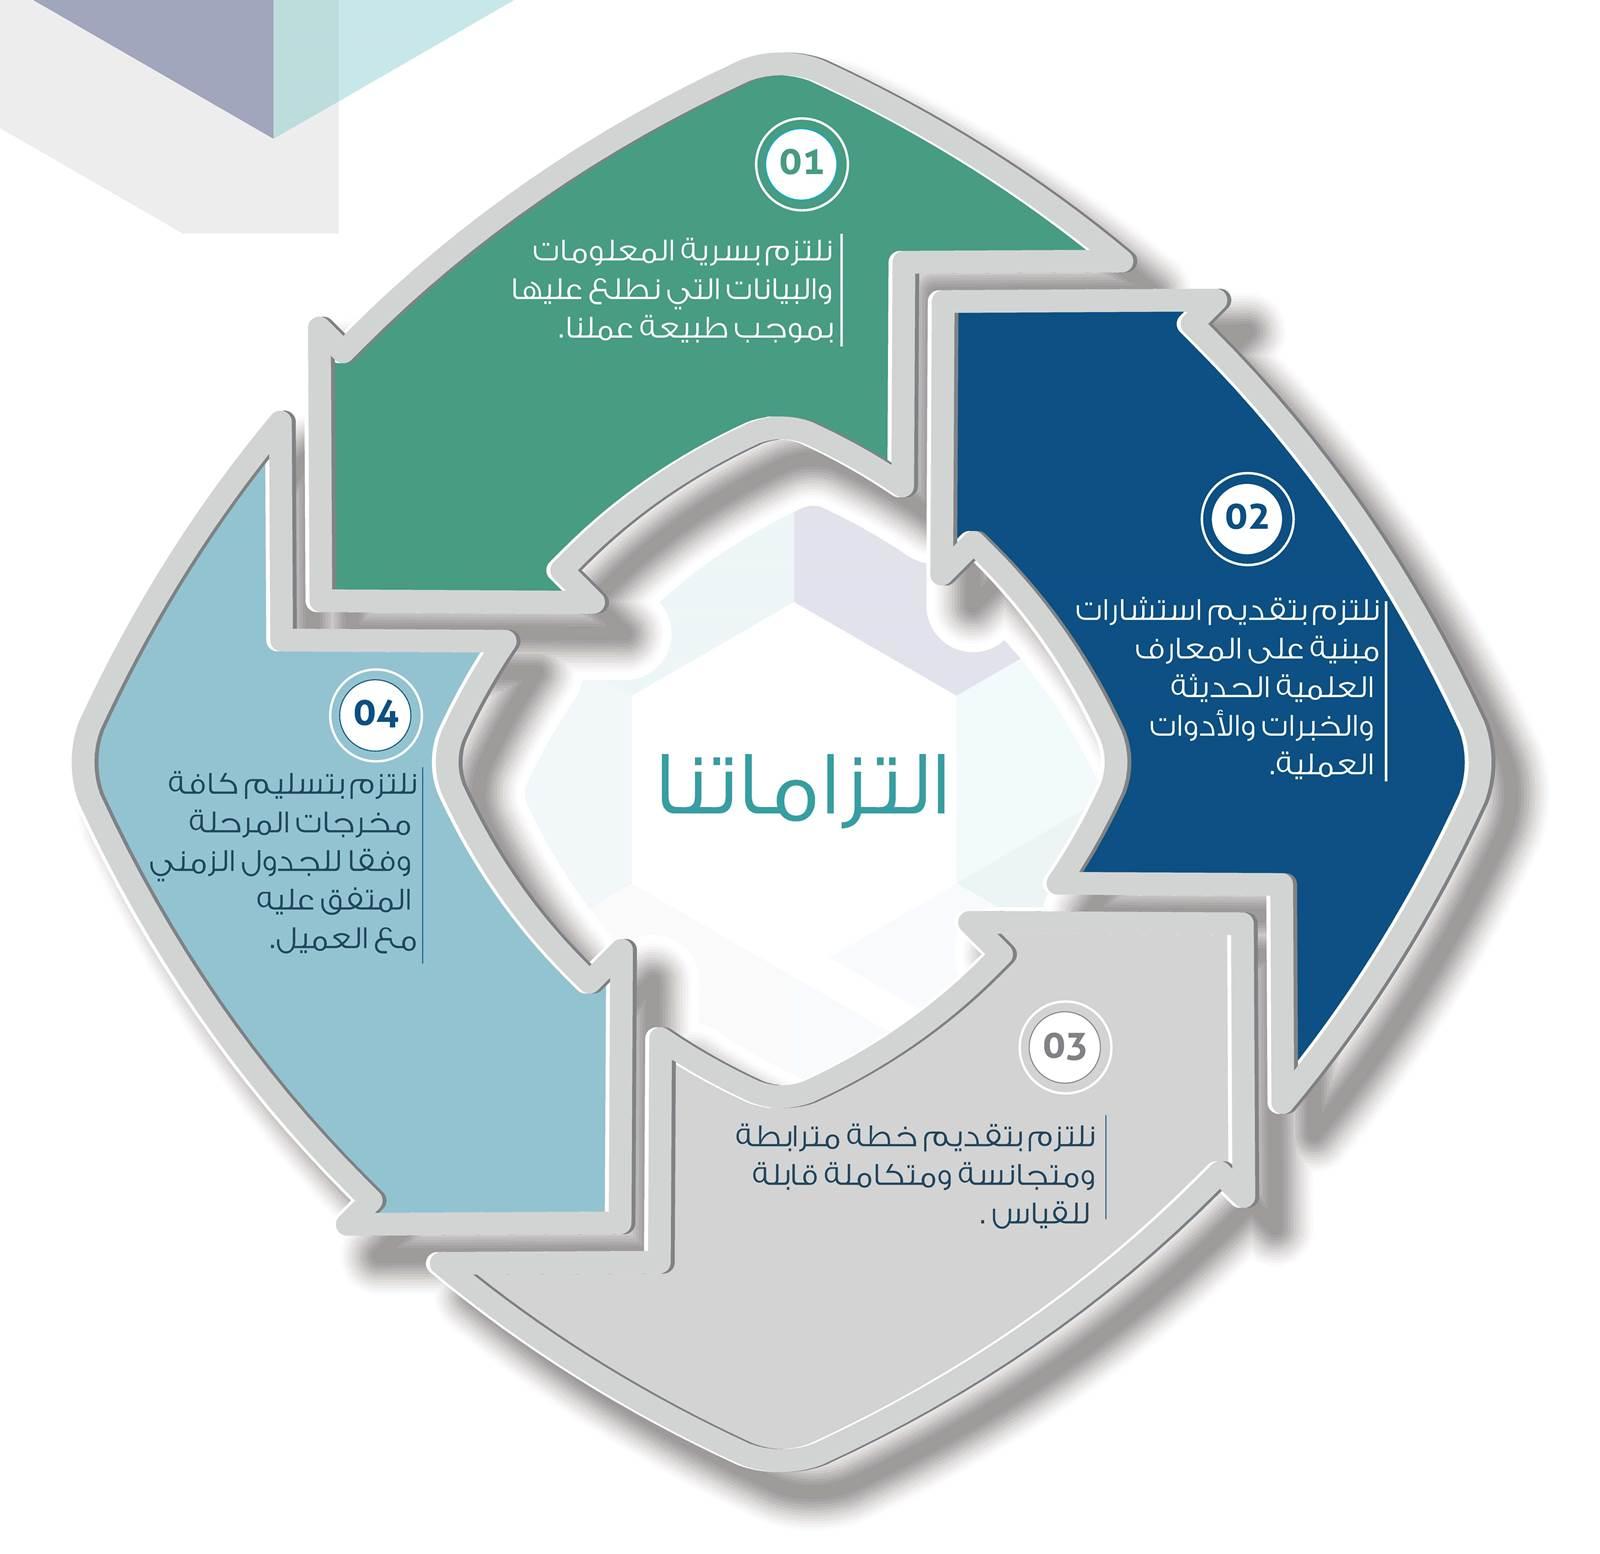 شركة الأداء المنتظم للاستشارات المالية والتطوير في السعودية